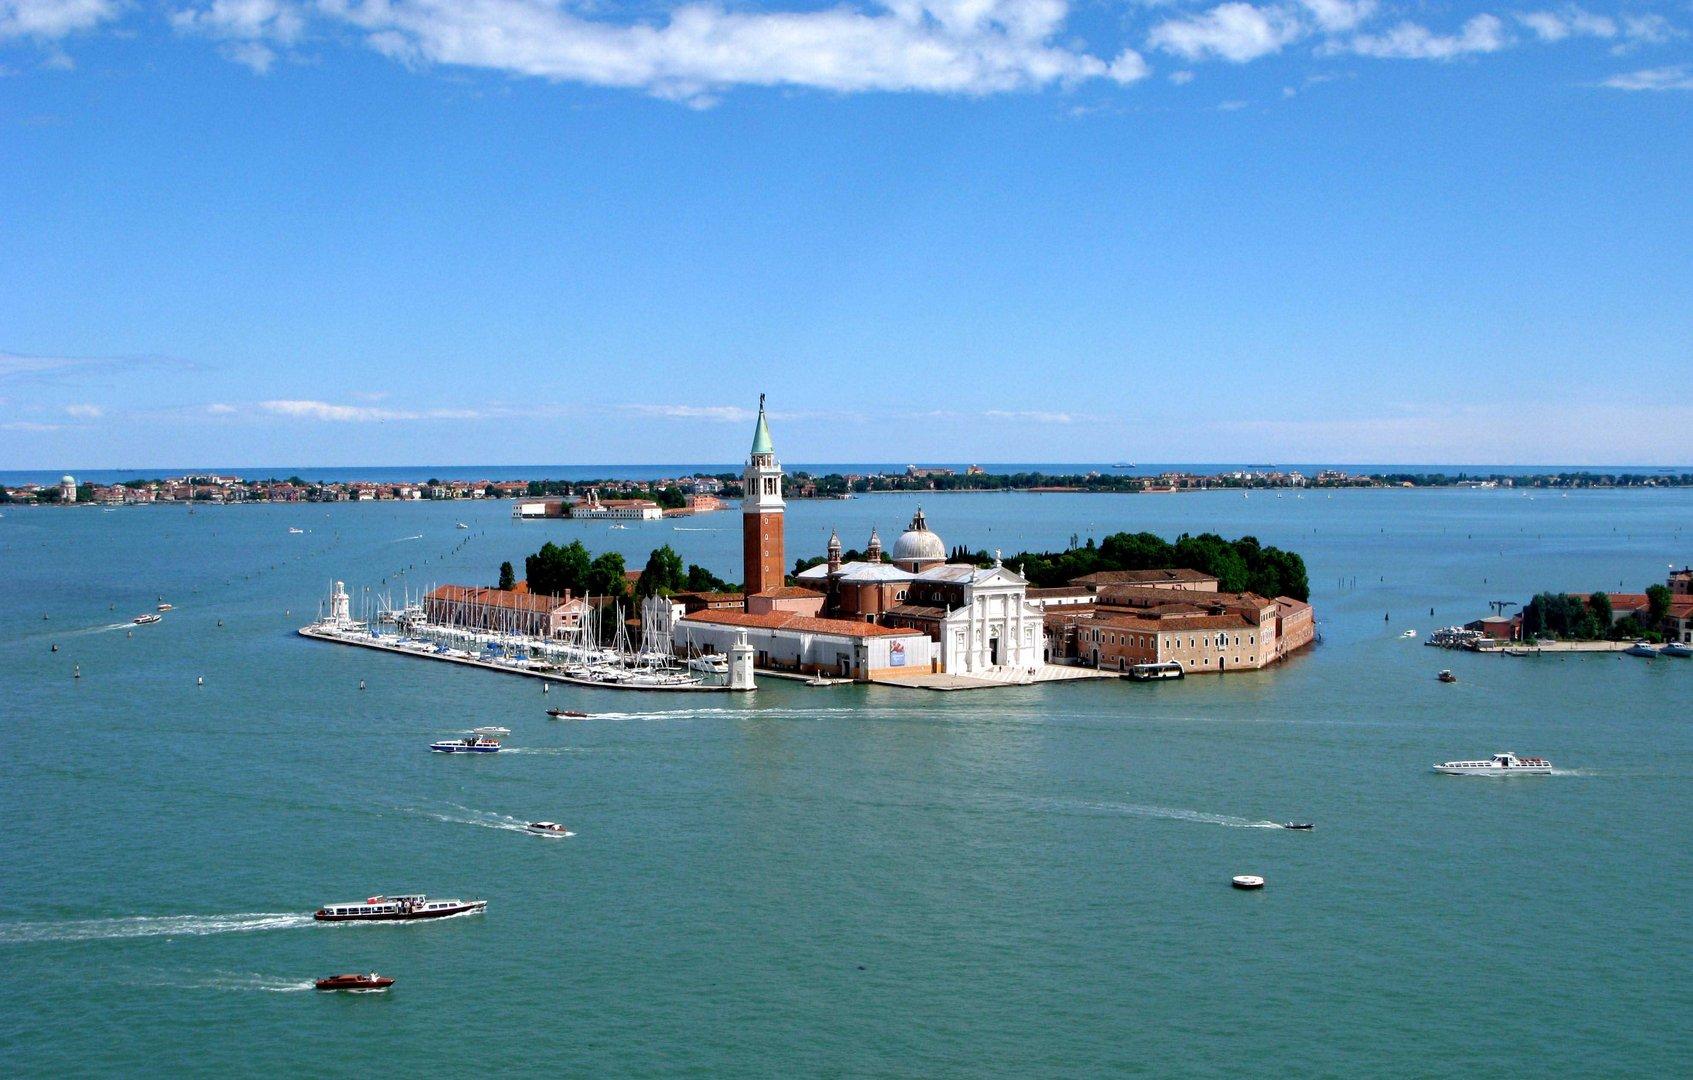 Vista desde el Campanile - Plaza San Marcos - Venecia